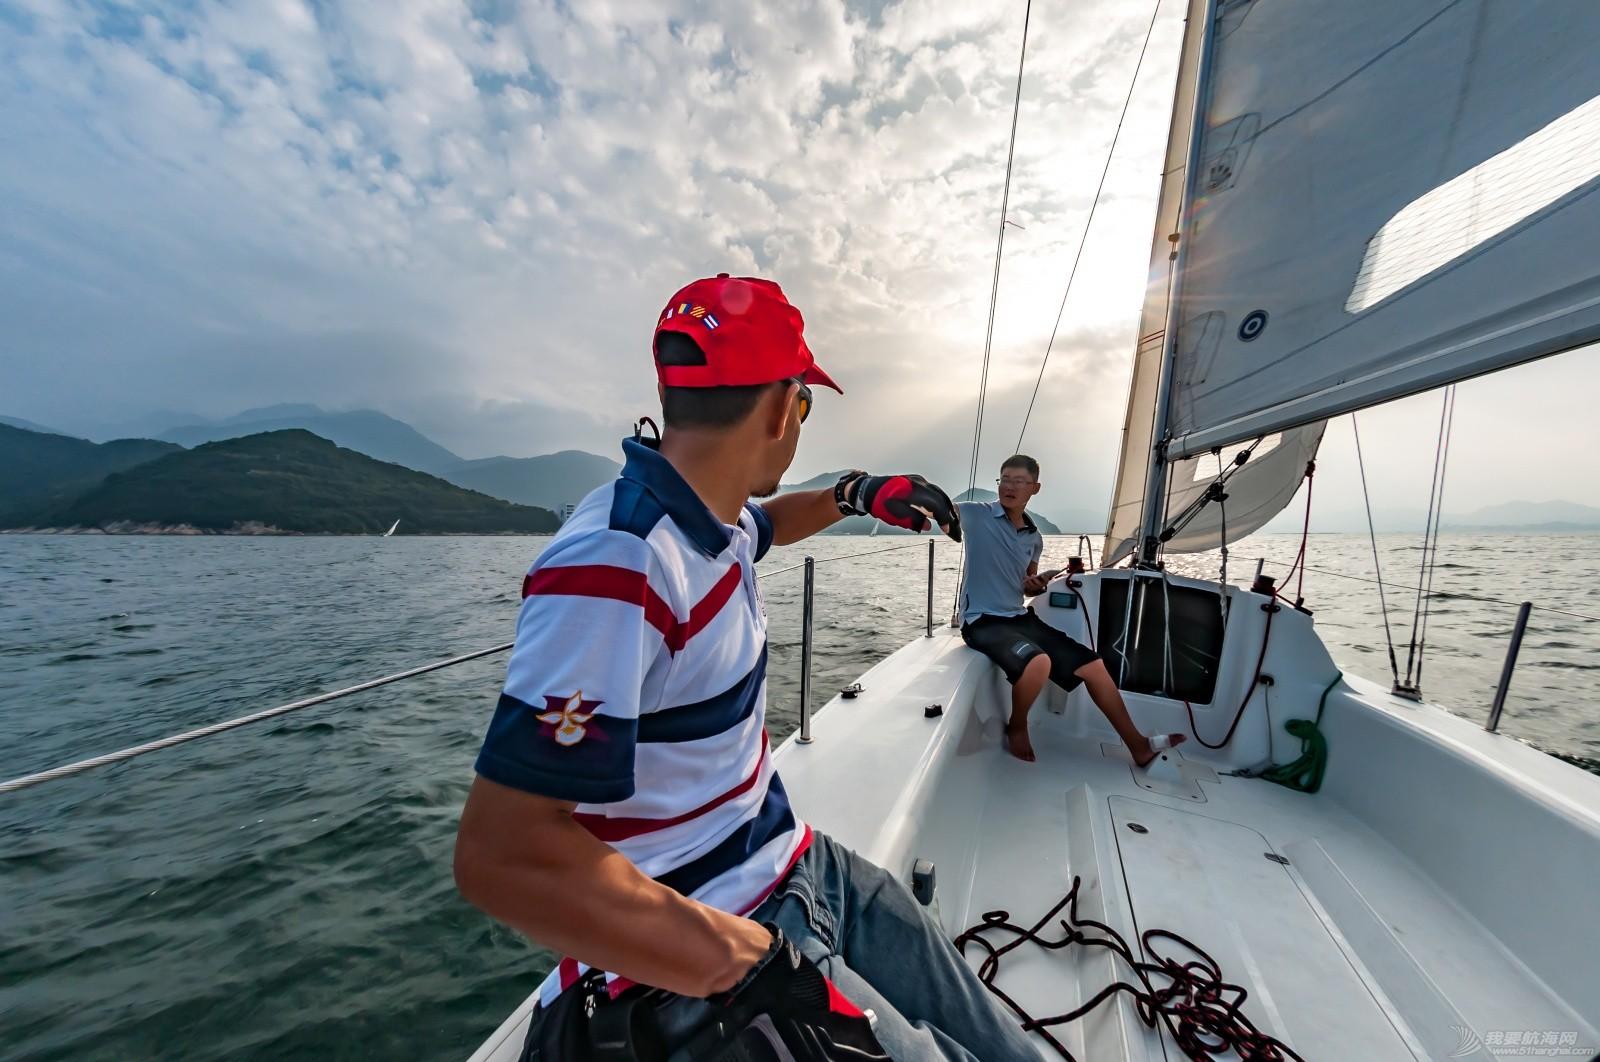 帆船 【2015大鹏杯帆船赛】鱼眼看航海 16042.jpg